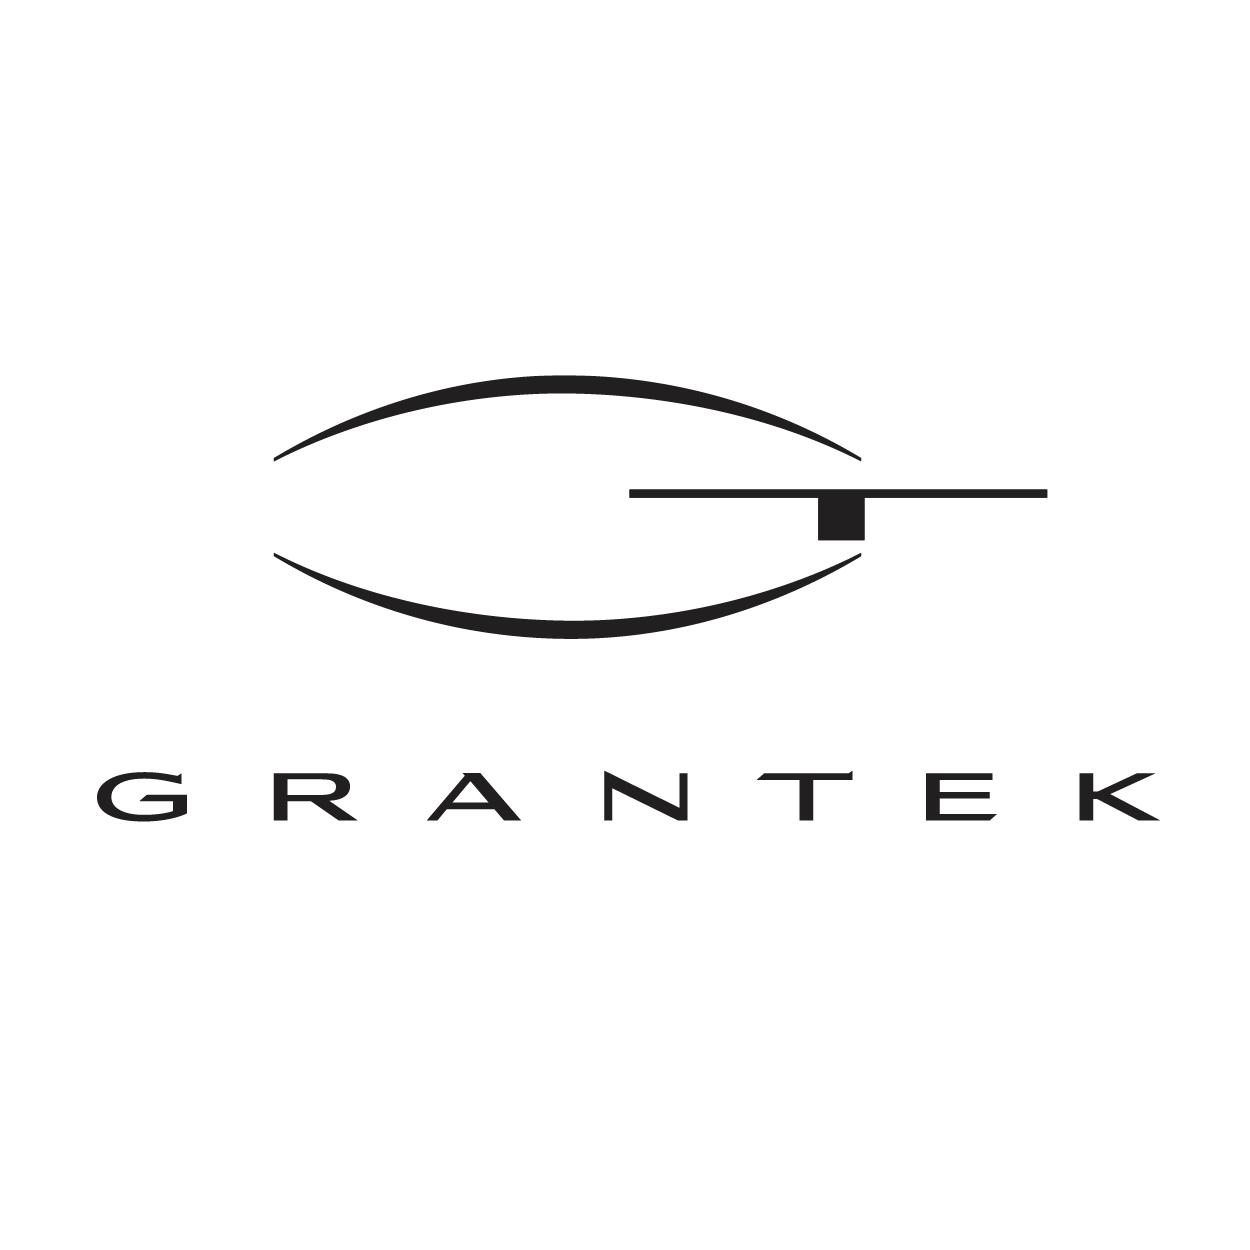 Grantek-01.png